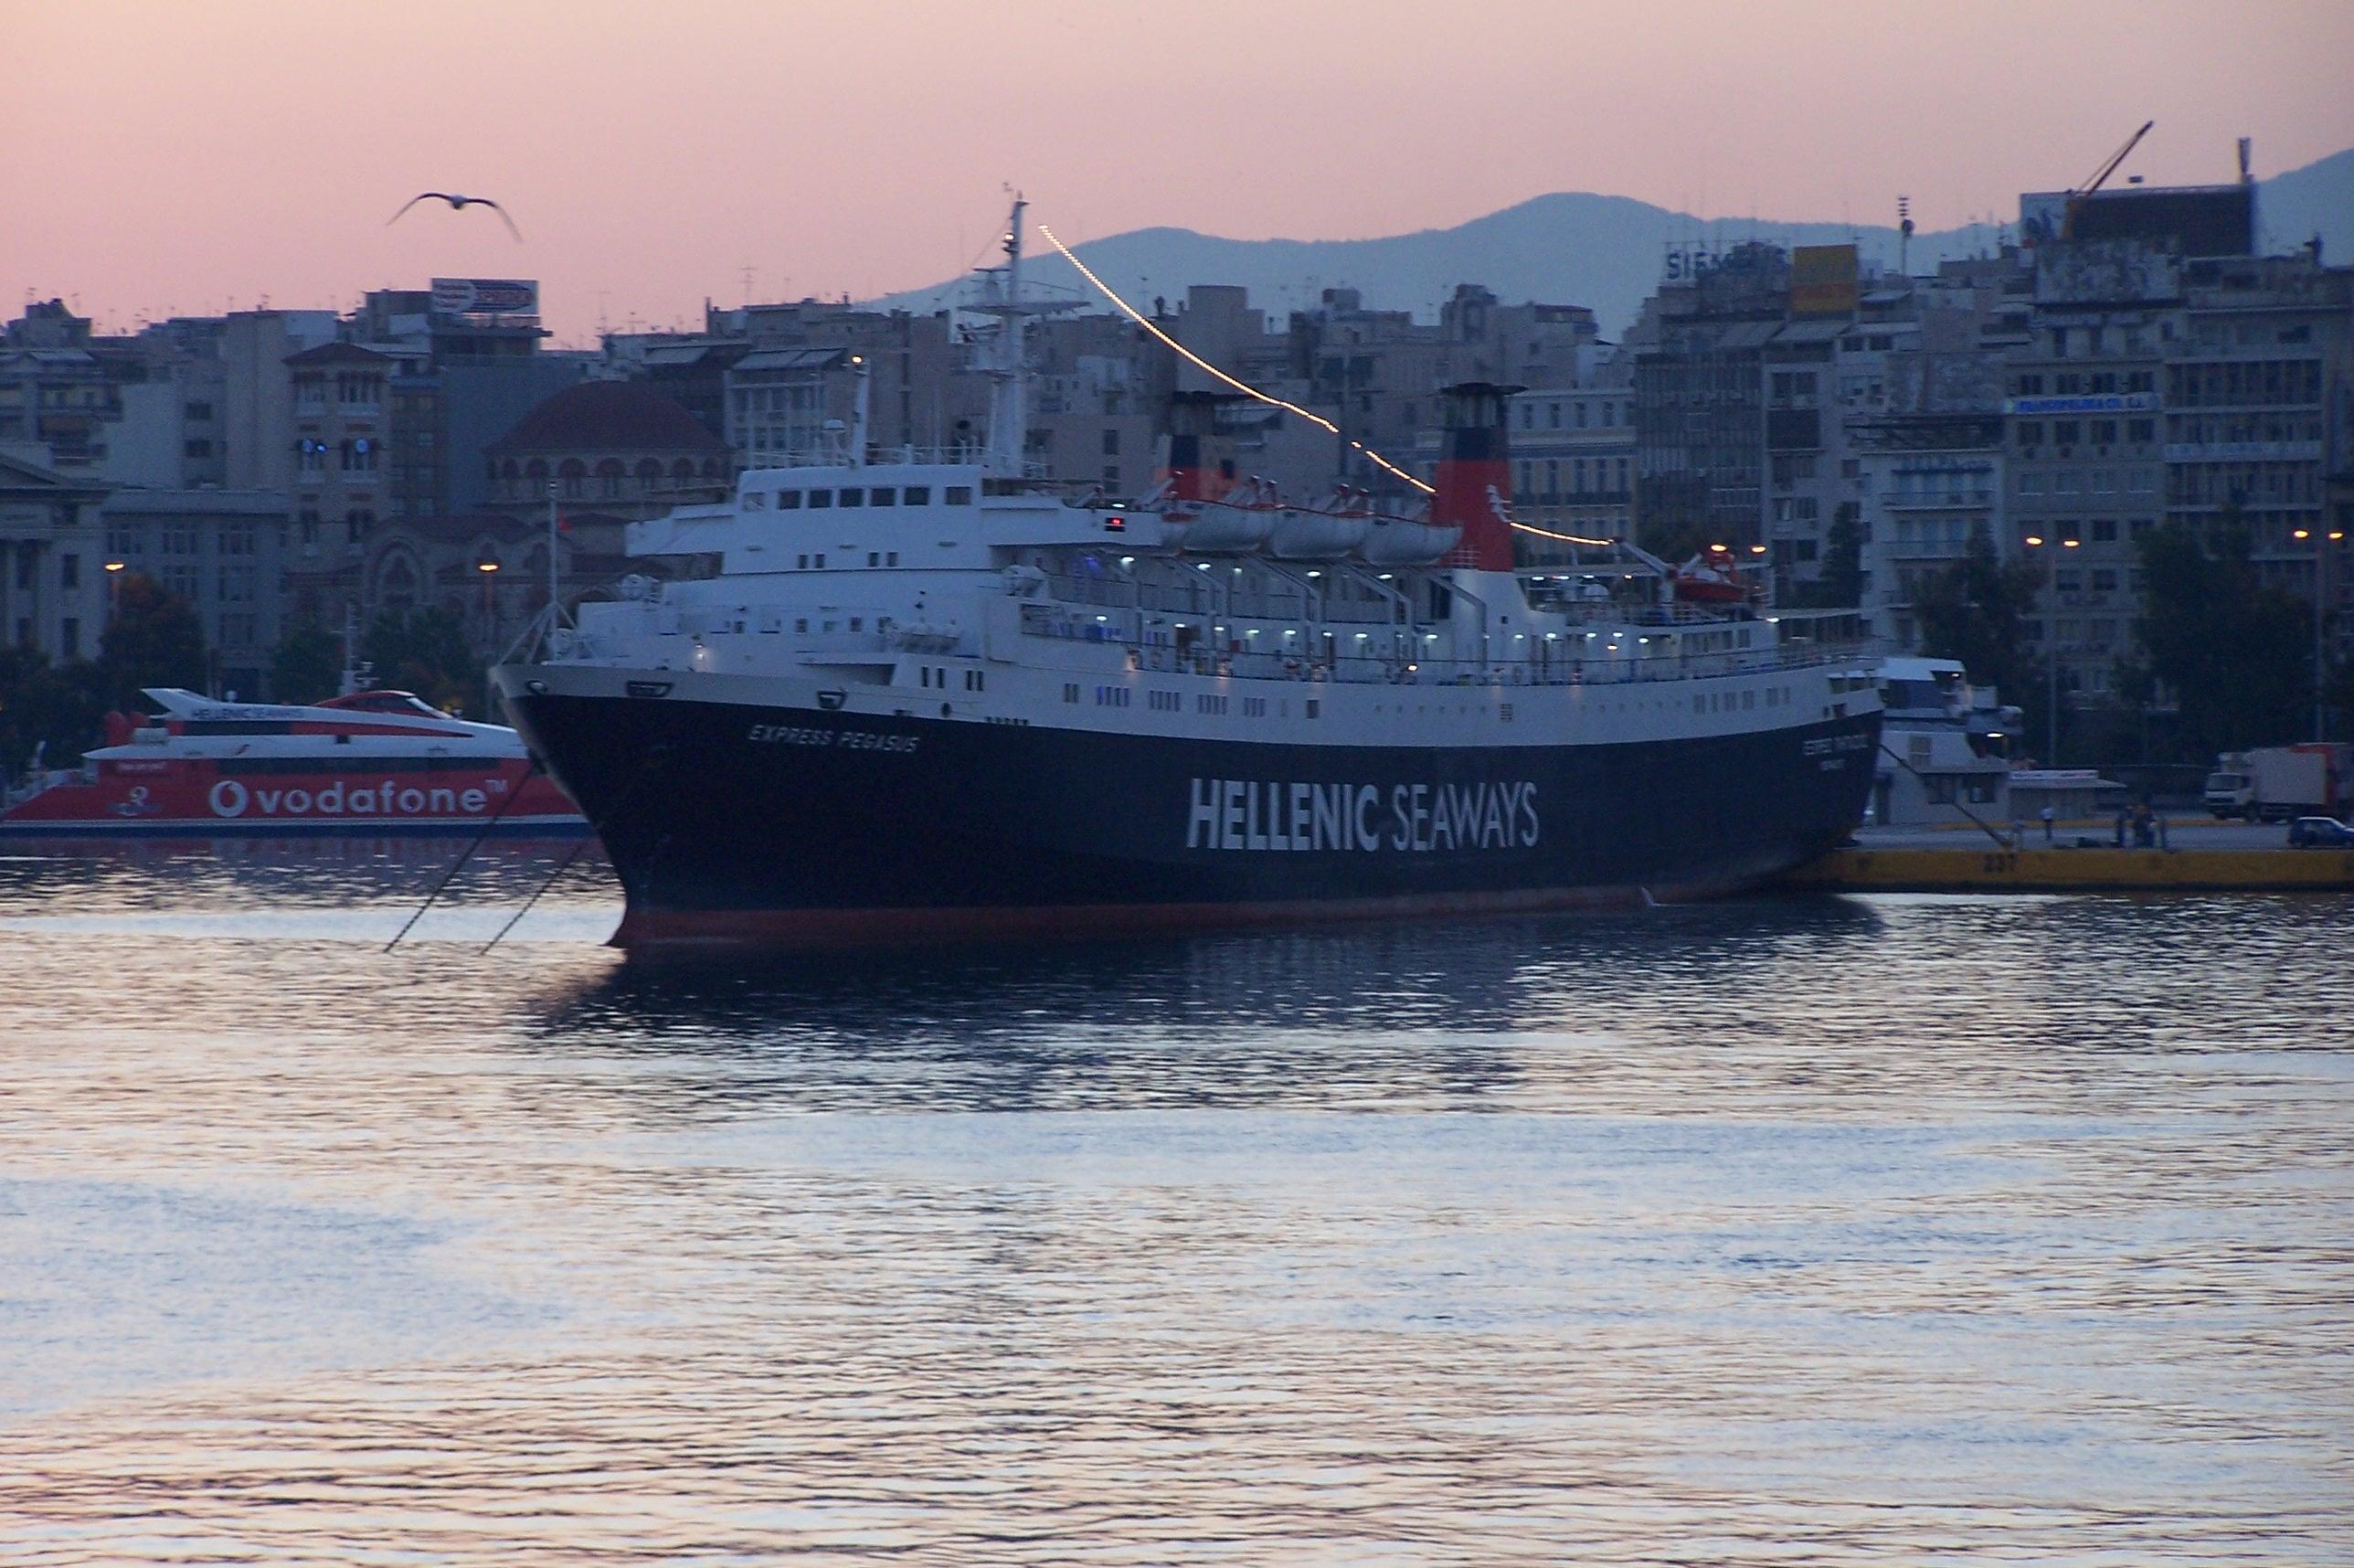 hellenic seaways ferry